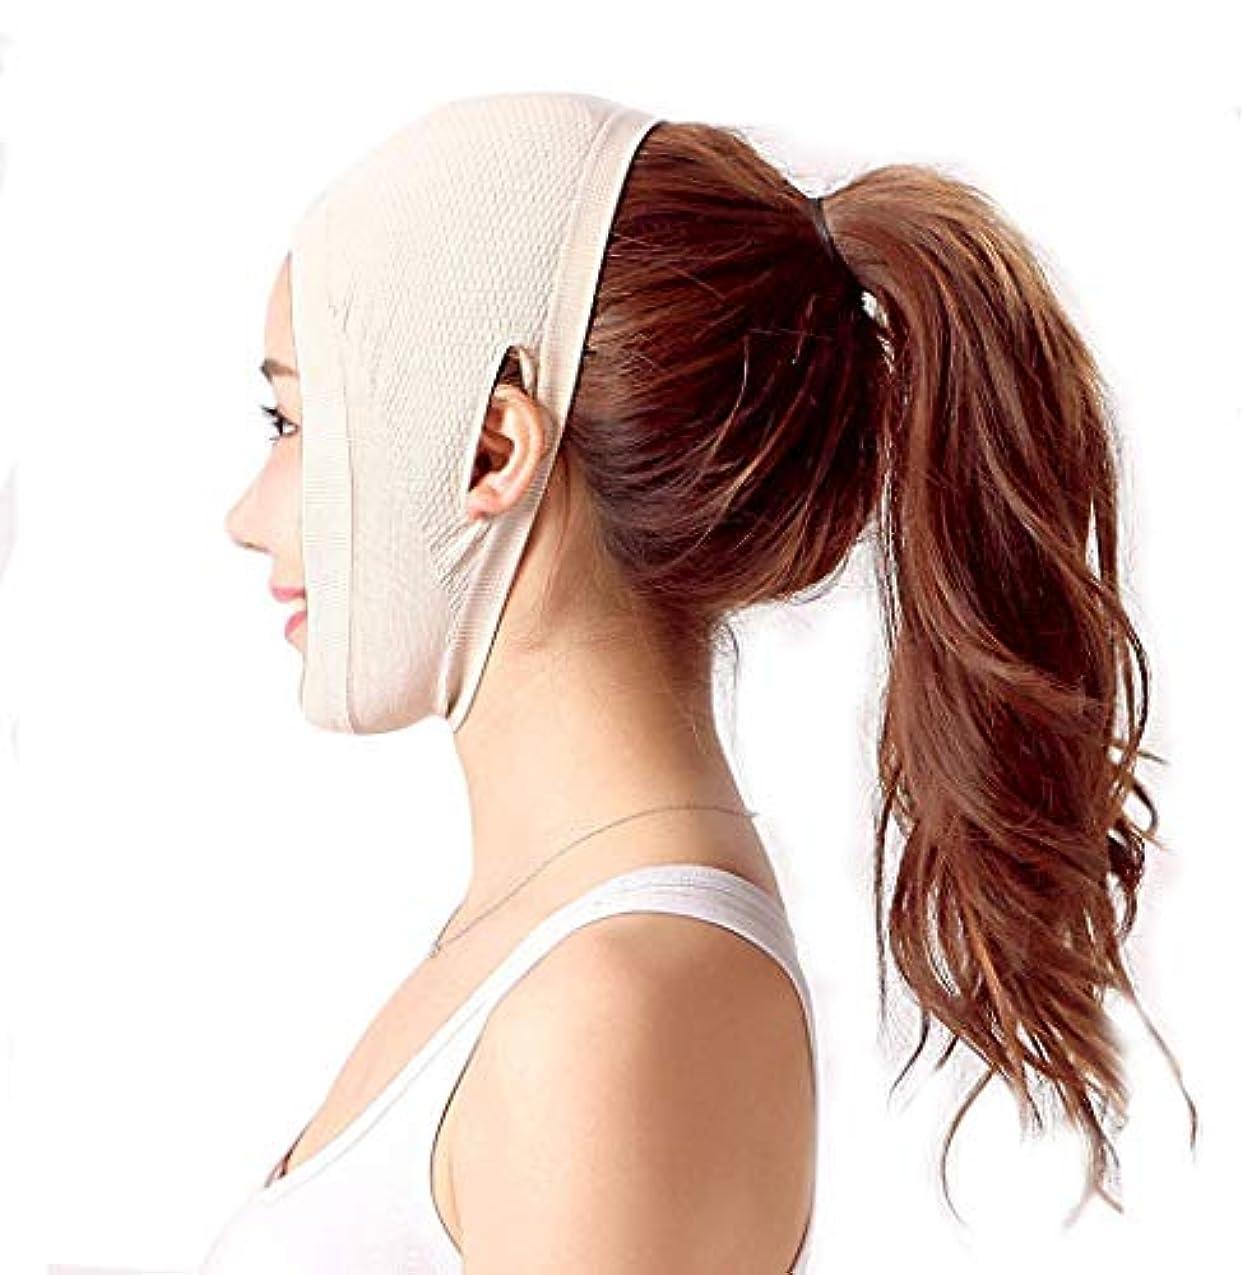 テスト修復抜け目がないHUYYA Vライン頬、女性の顔を持ち上げるベルト 二重あごの減量顔 しわ防止包帯,Flesh_X-Large